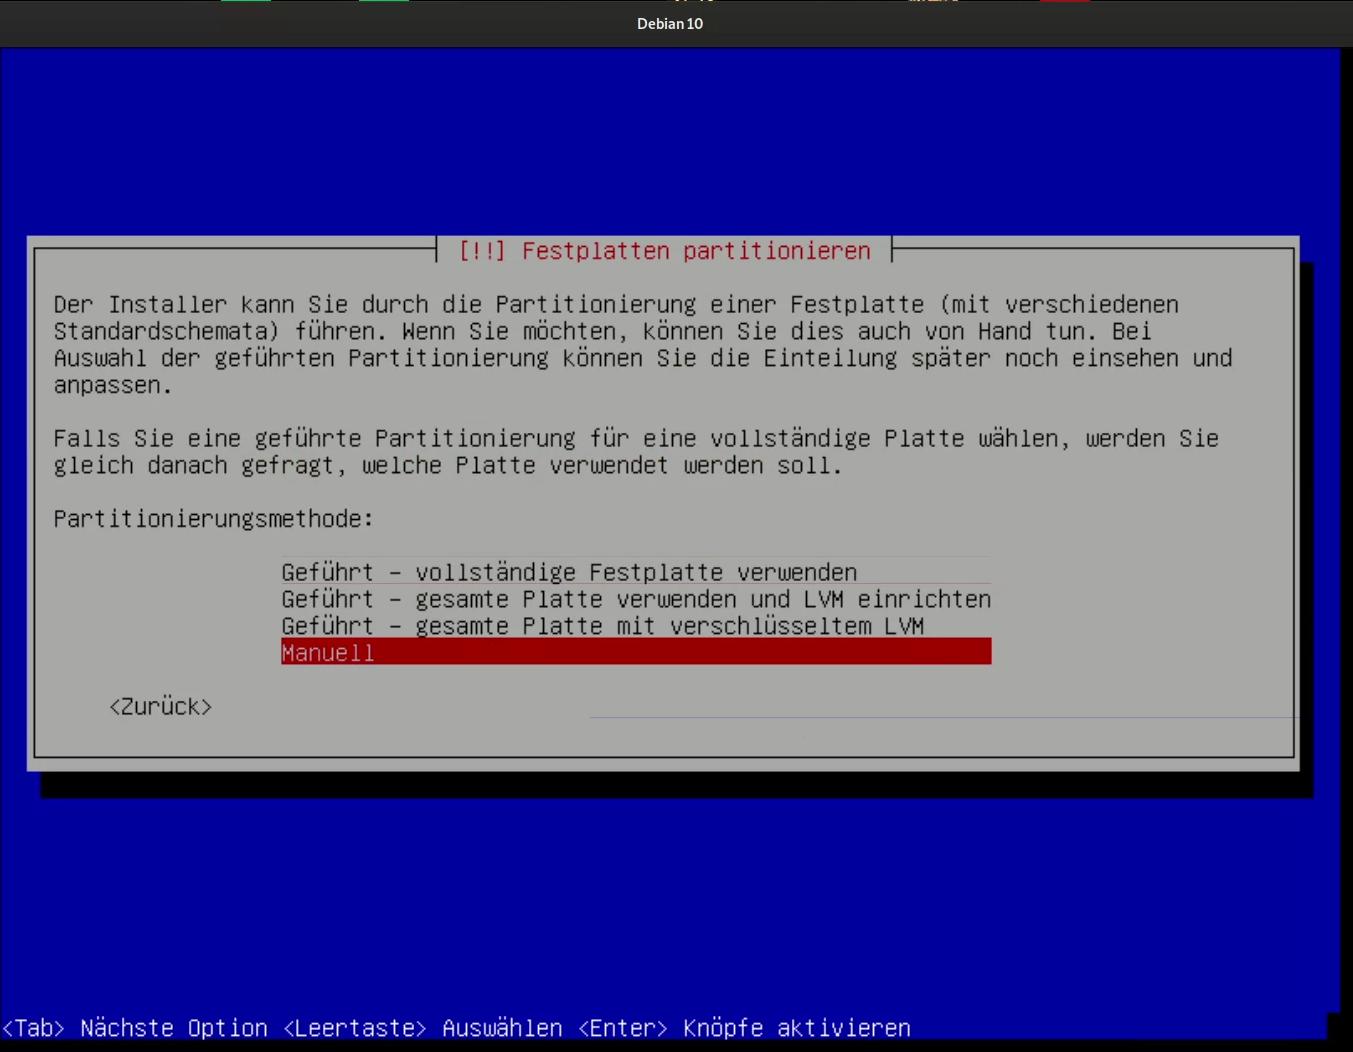 debian_10_install_manuell